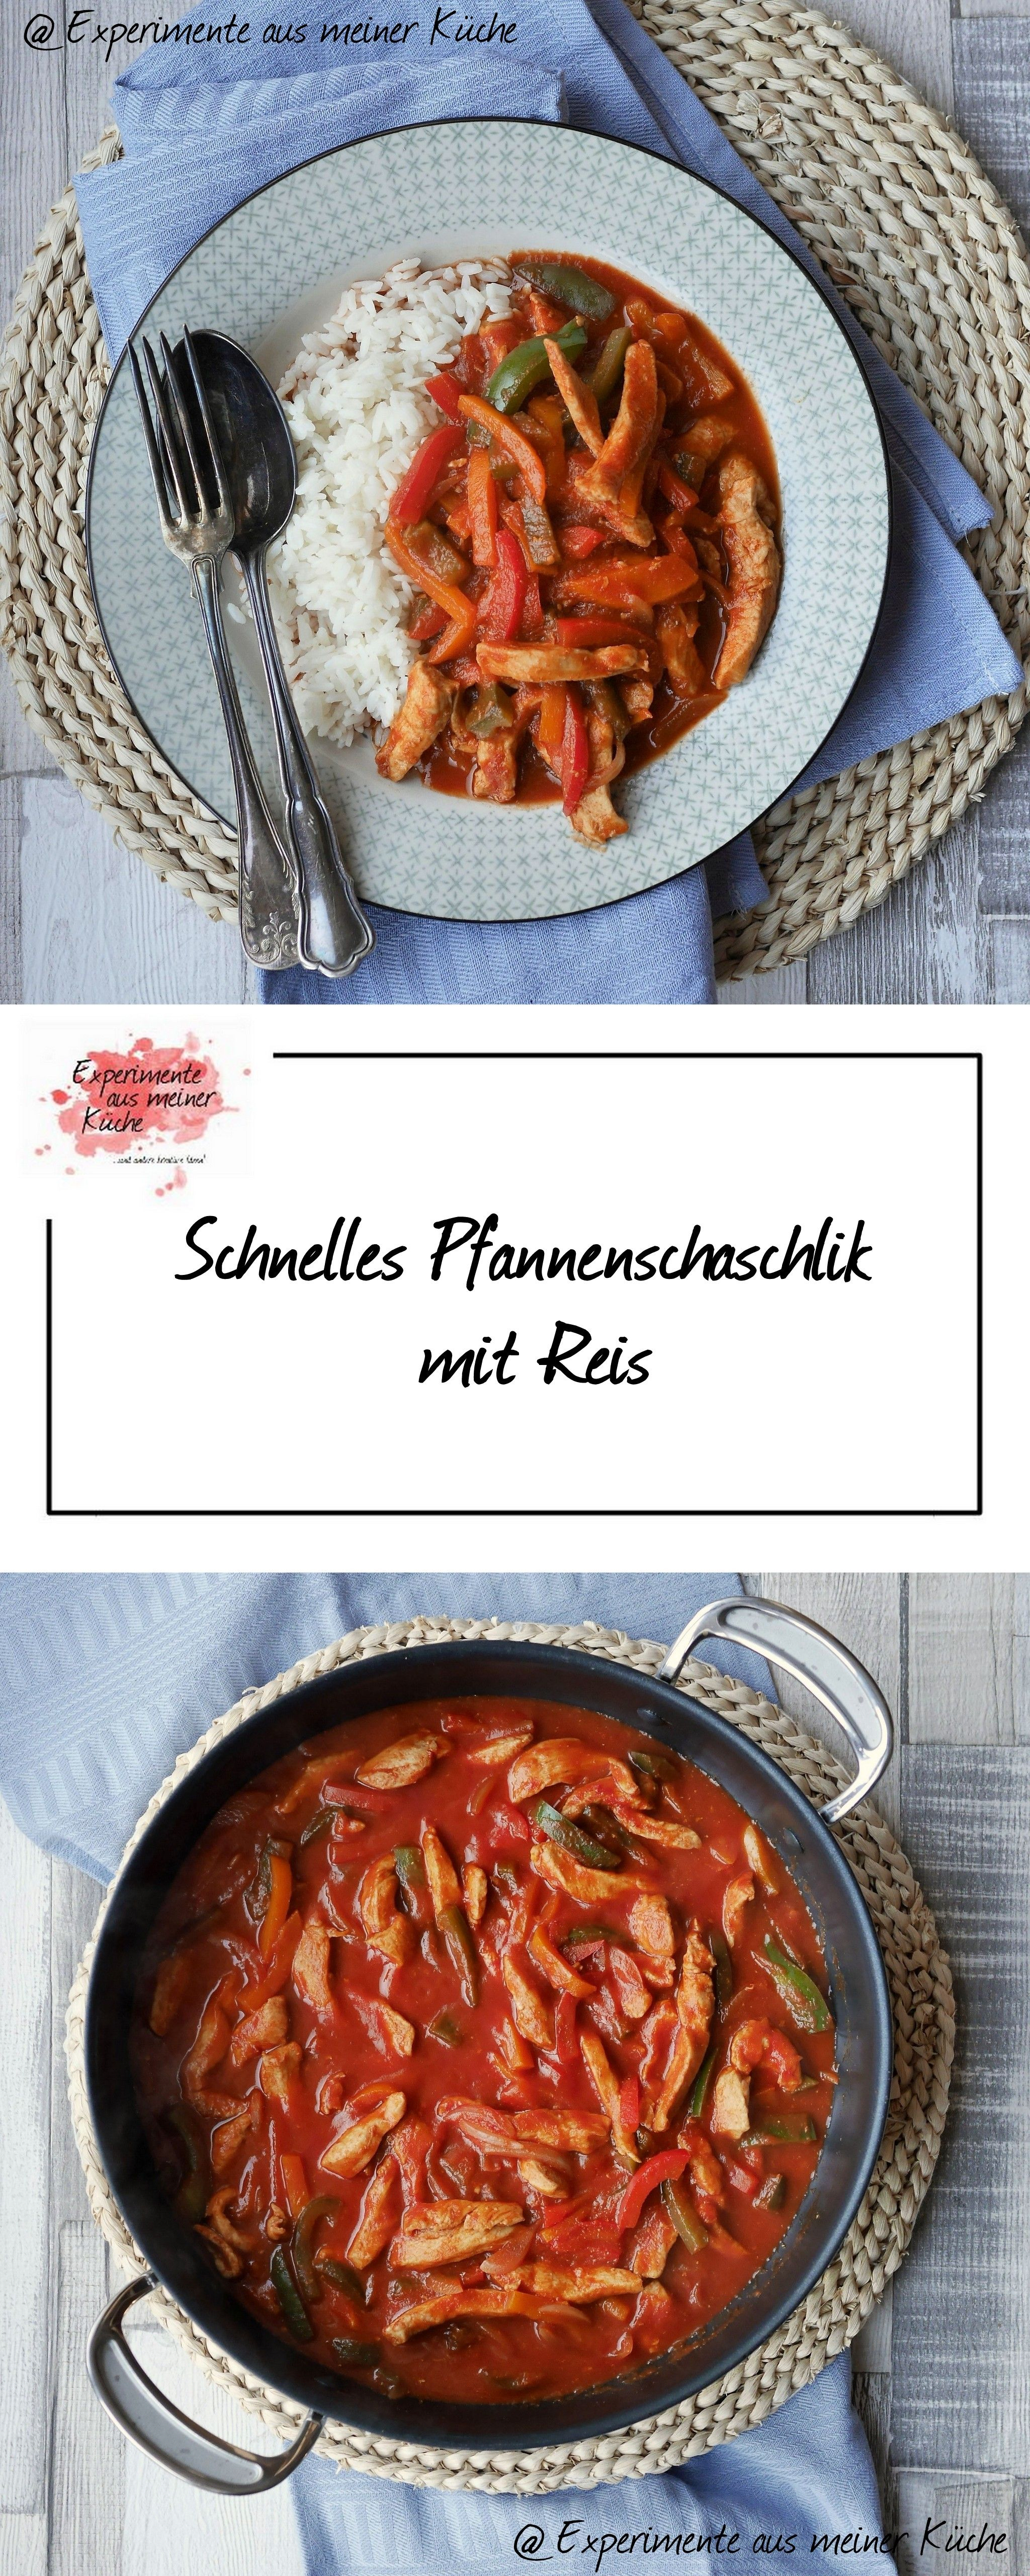 Schnelles Pfannenschaschlik mit Reis   Experimente aus meiner küche ...